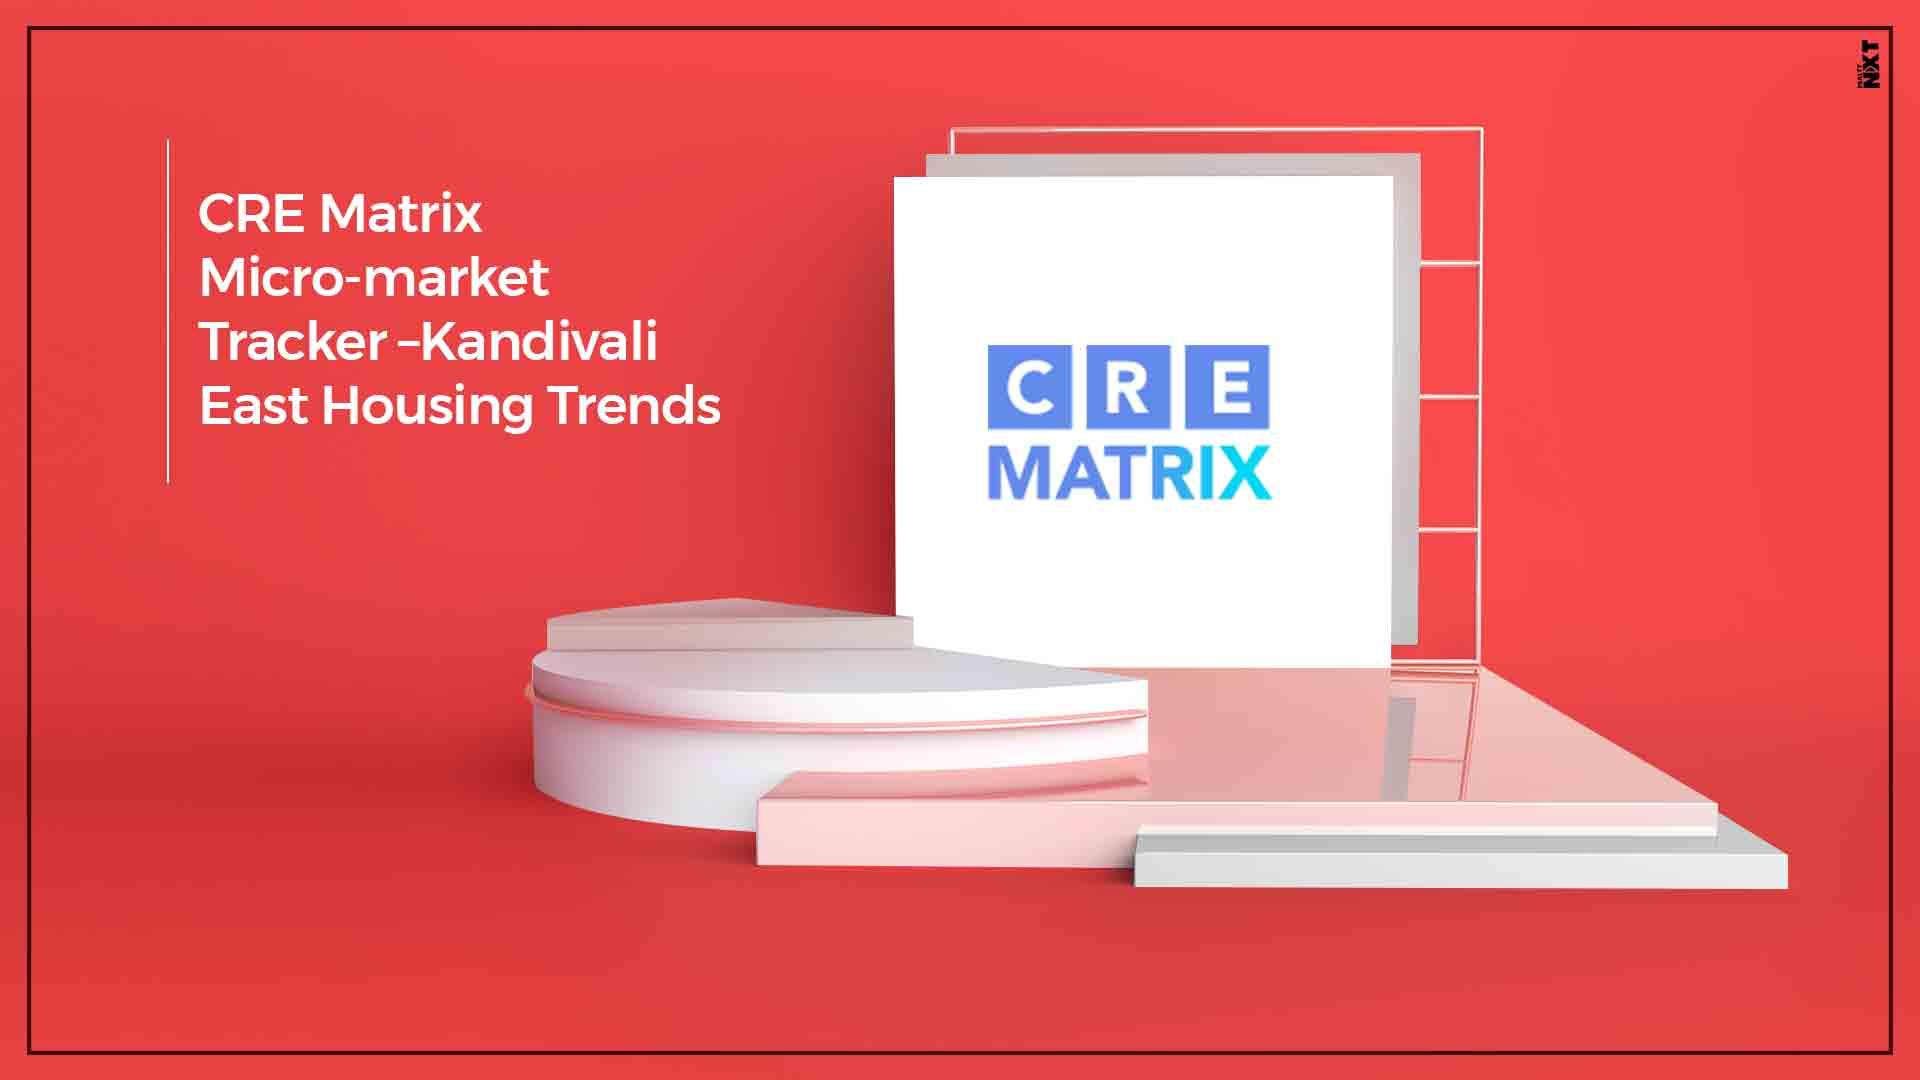 CRE matrix